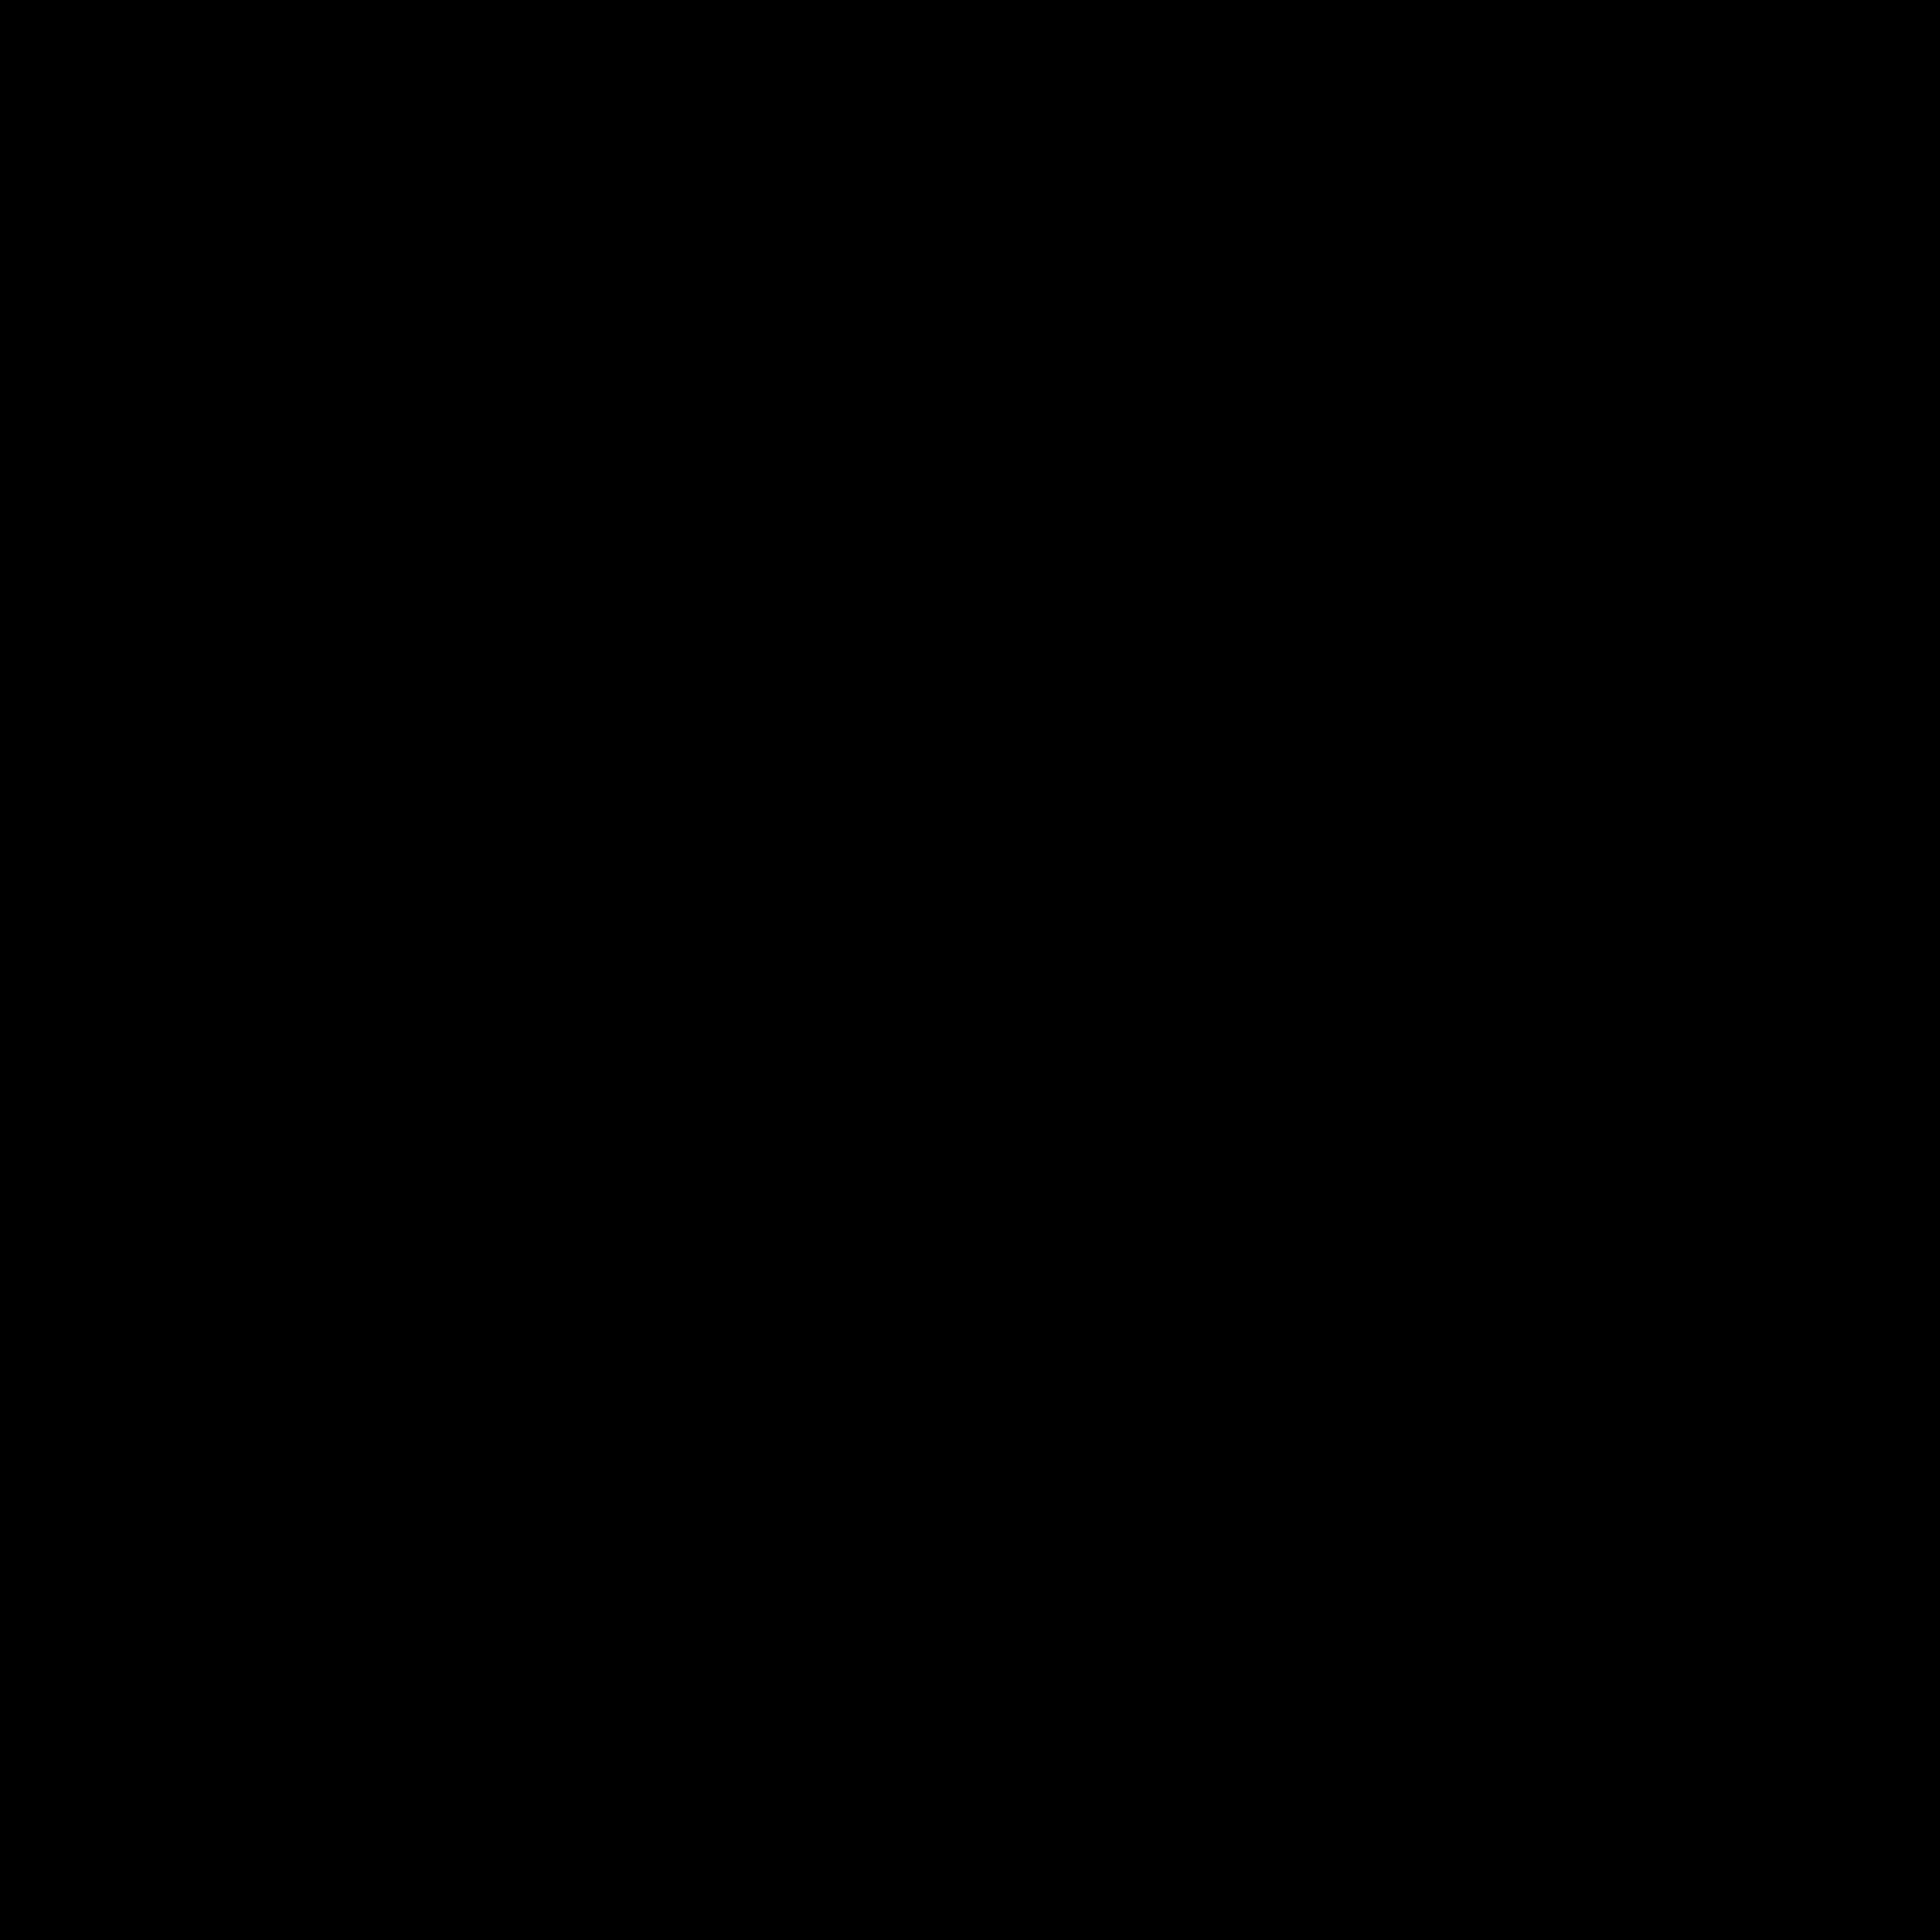 Digital DTS Surround Logo PNG Transparent & SVG Vector.